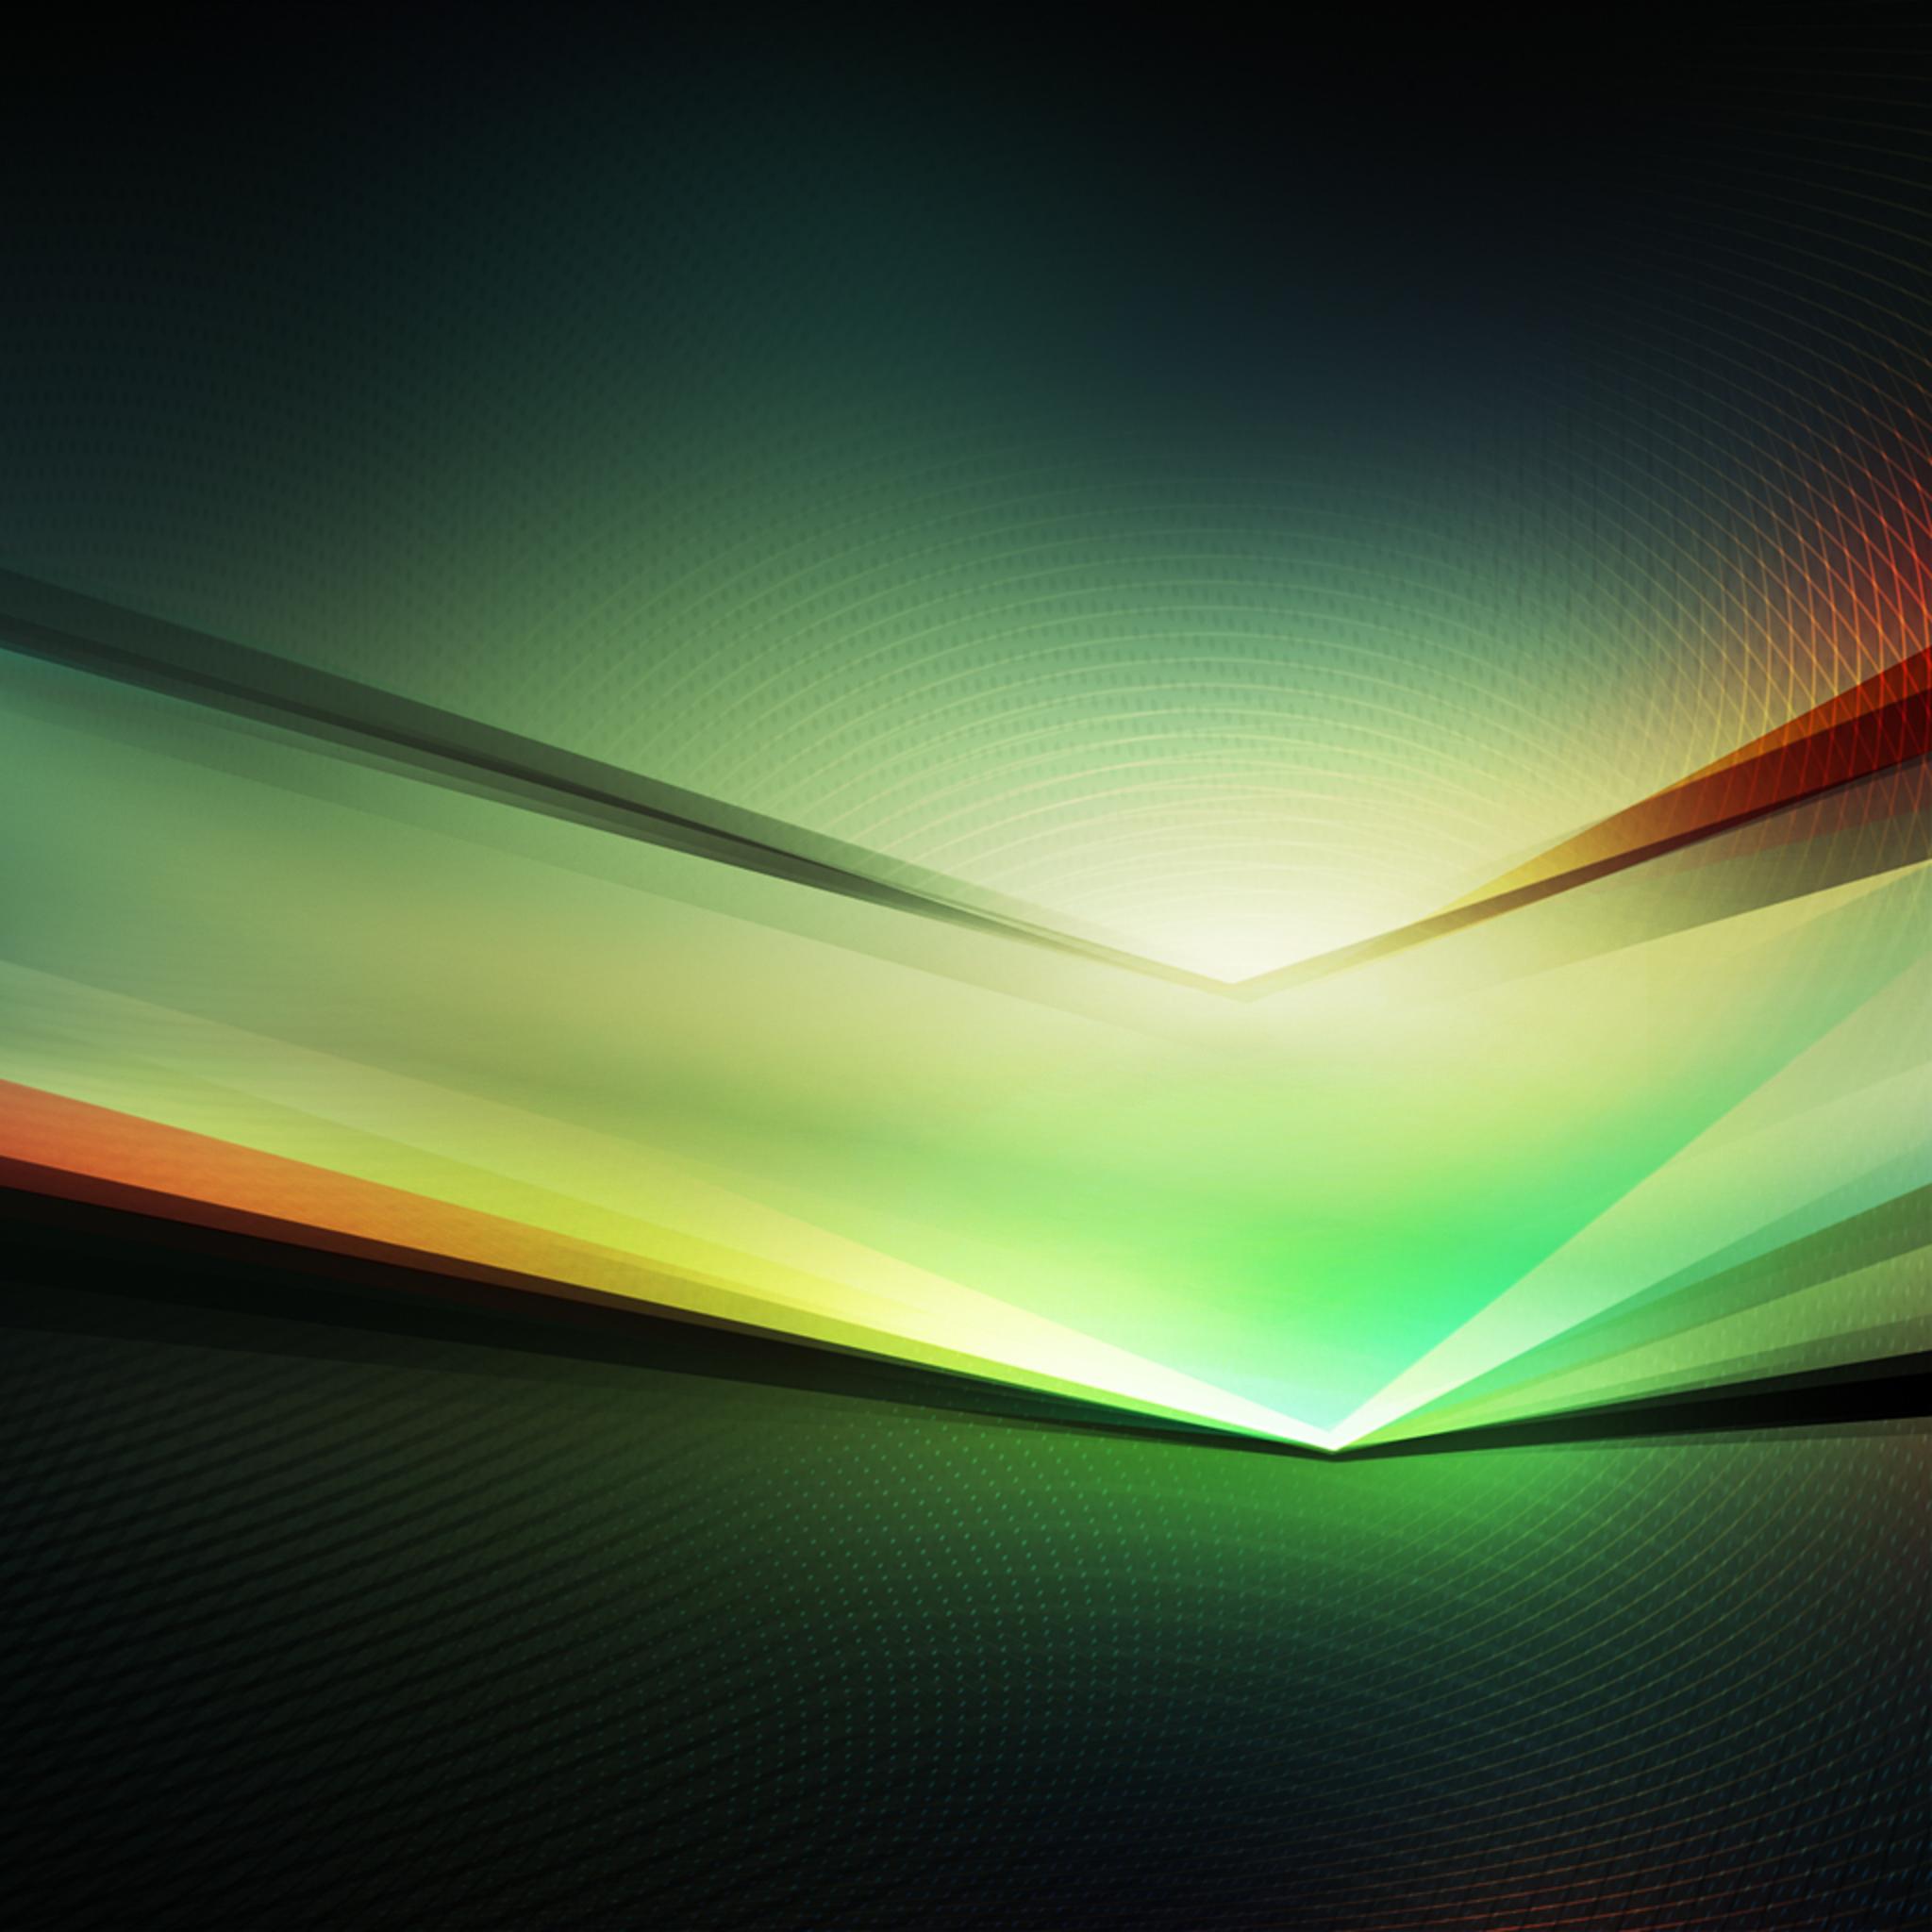 my ipad wallpaper hd live colors 19 2048x2048 apps